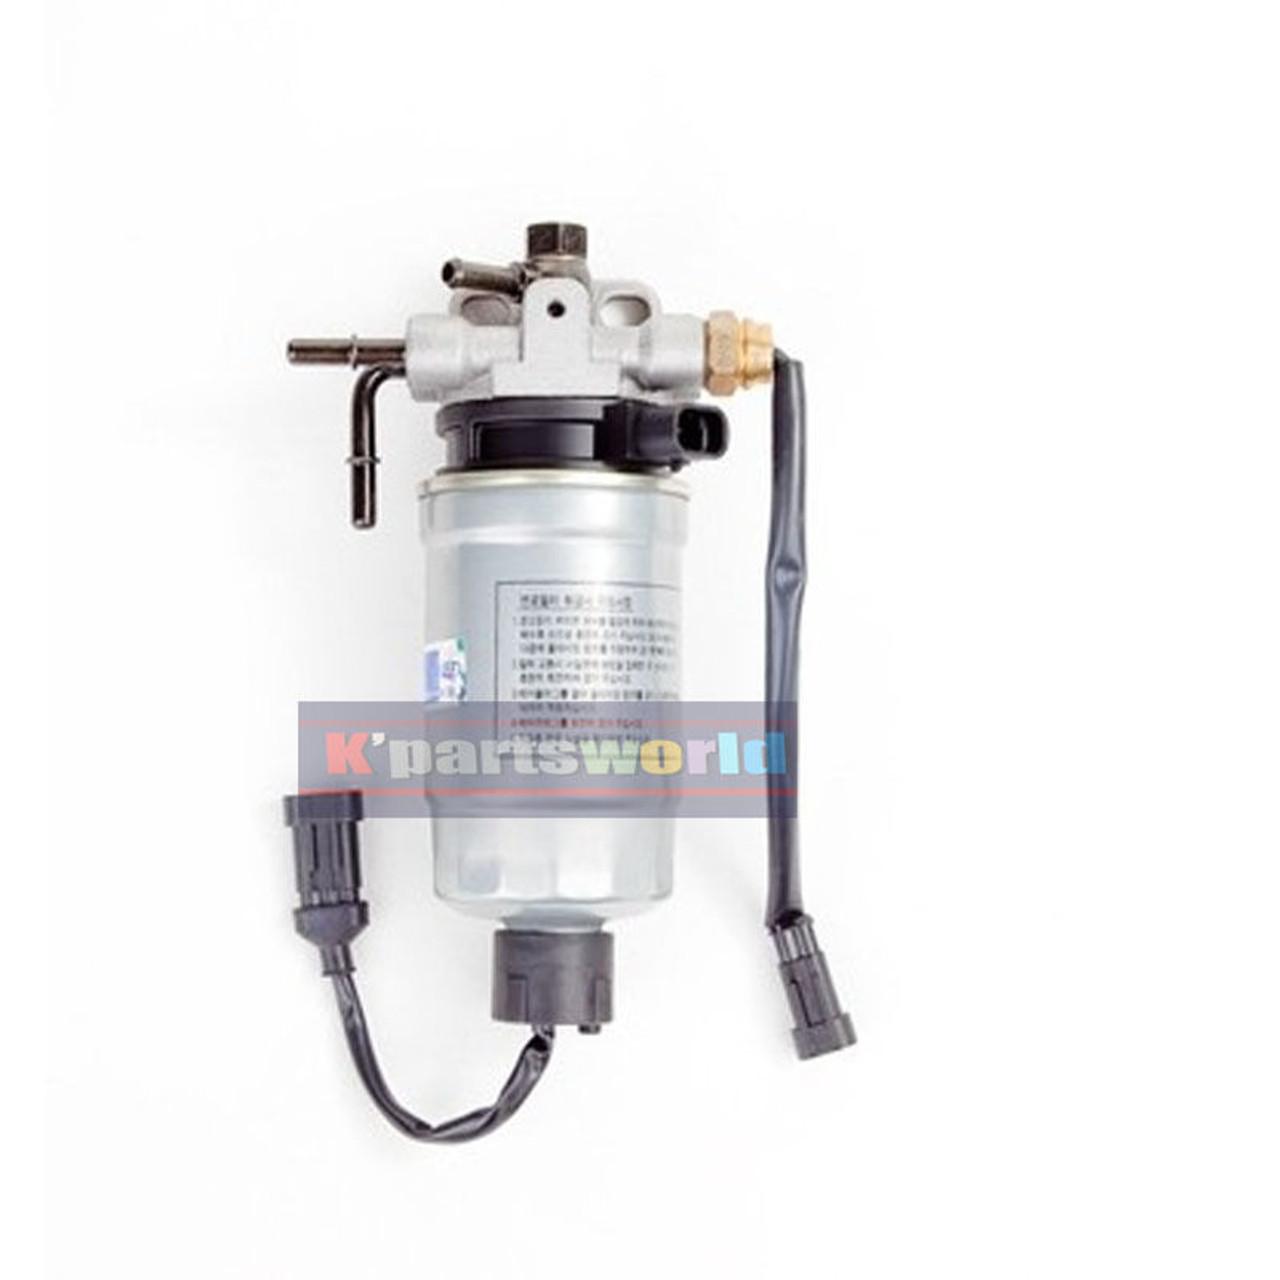 fuel filter water separator assy 319703e10a 31970 3e10a for kia sorento 2004 09 [ 1280 x 1280 Pixel ]